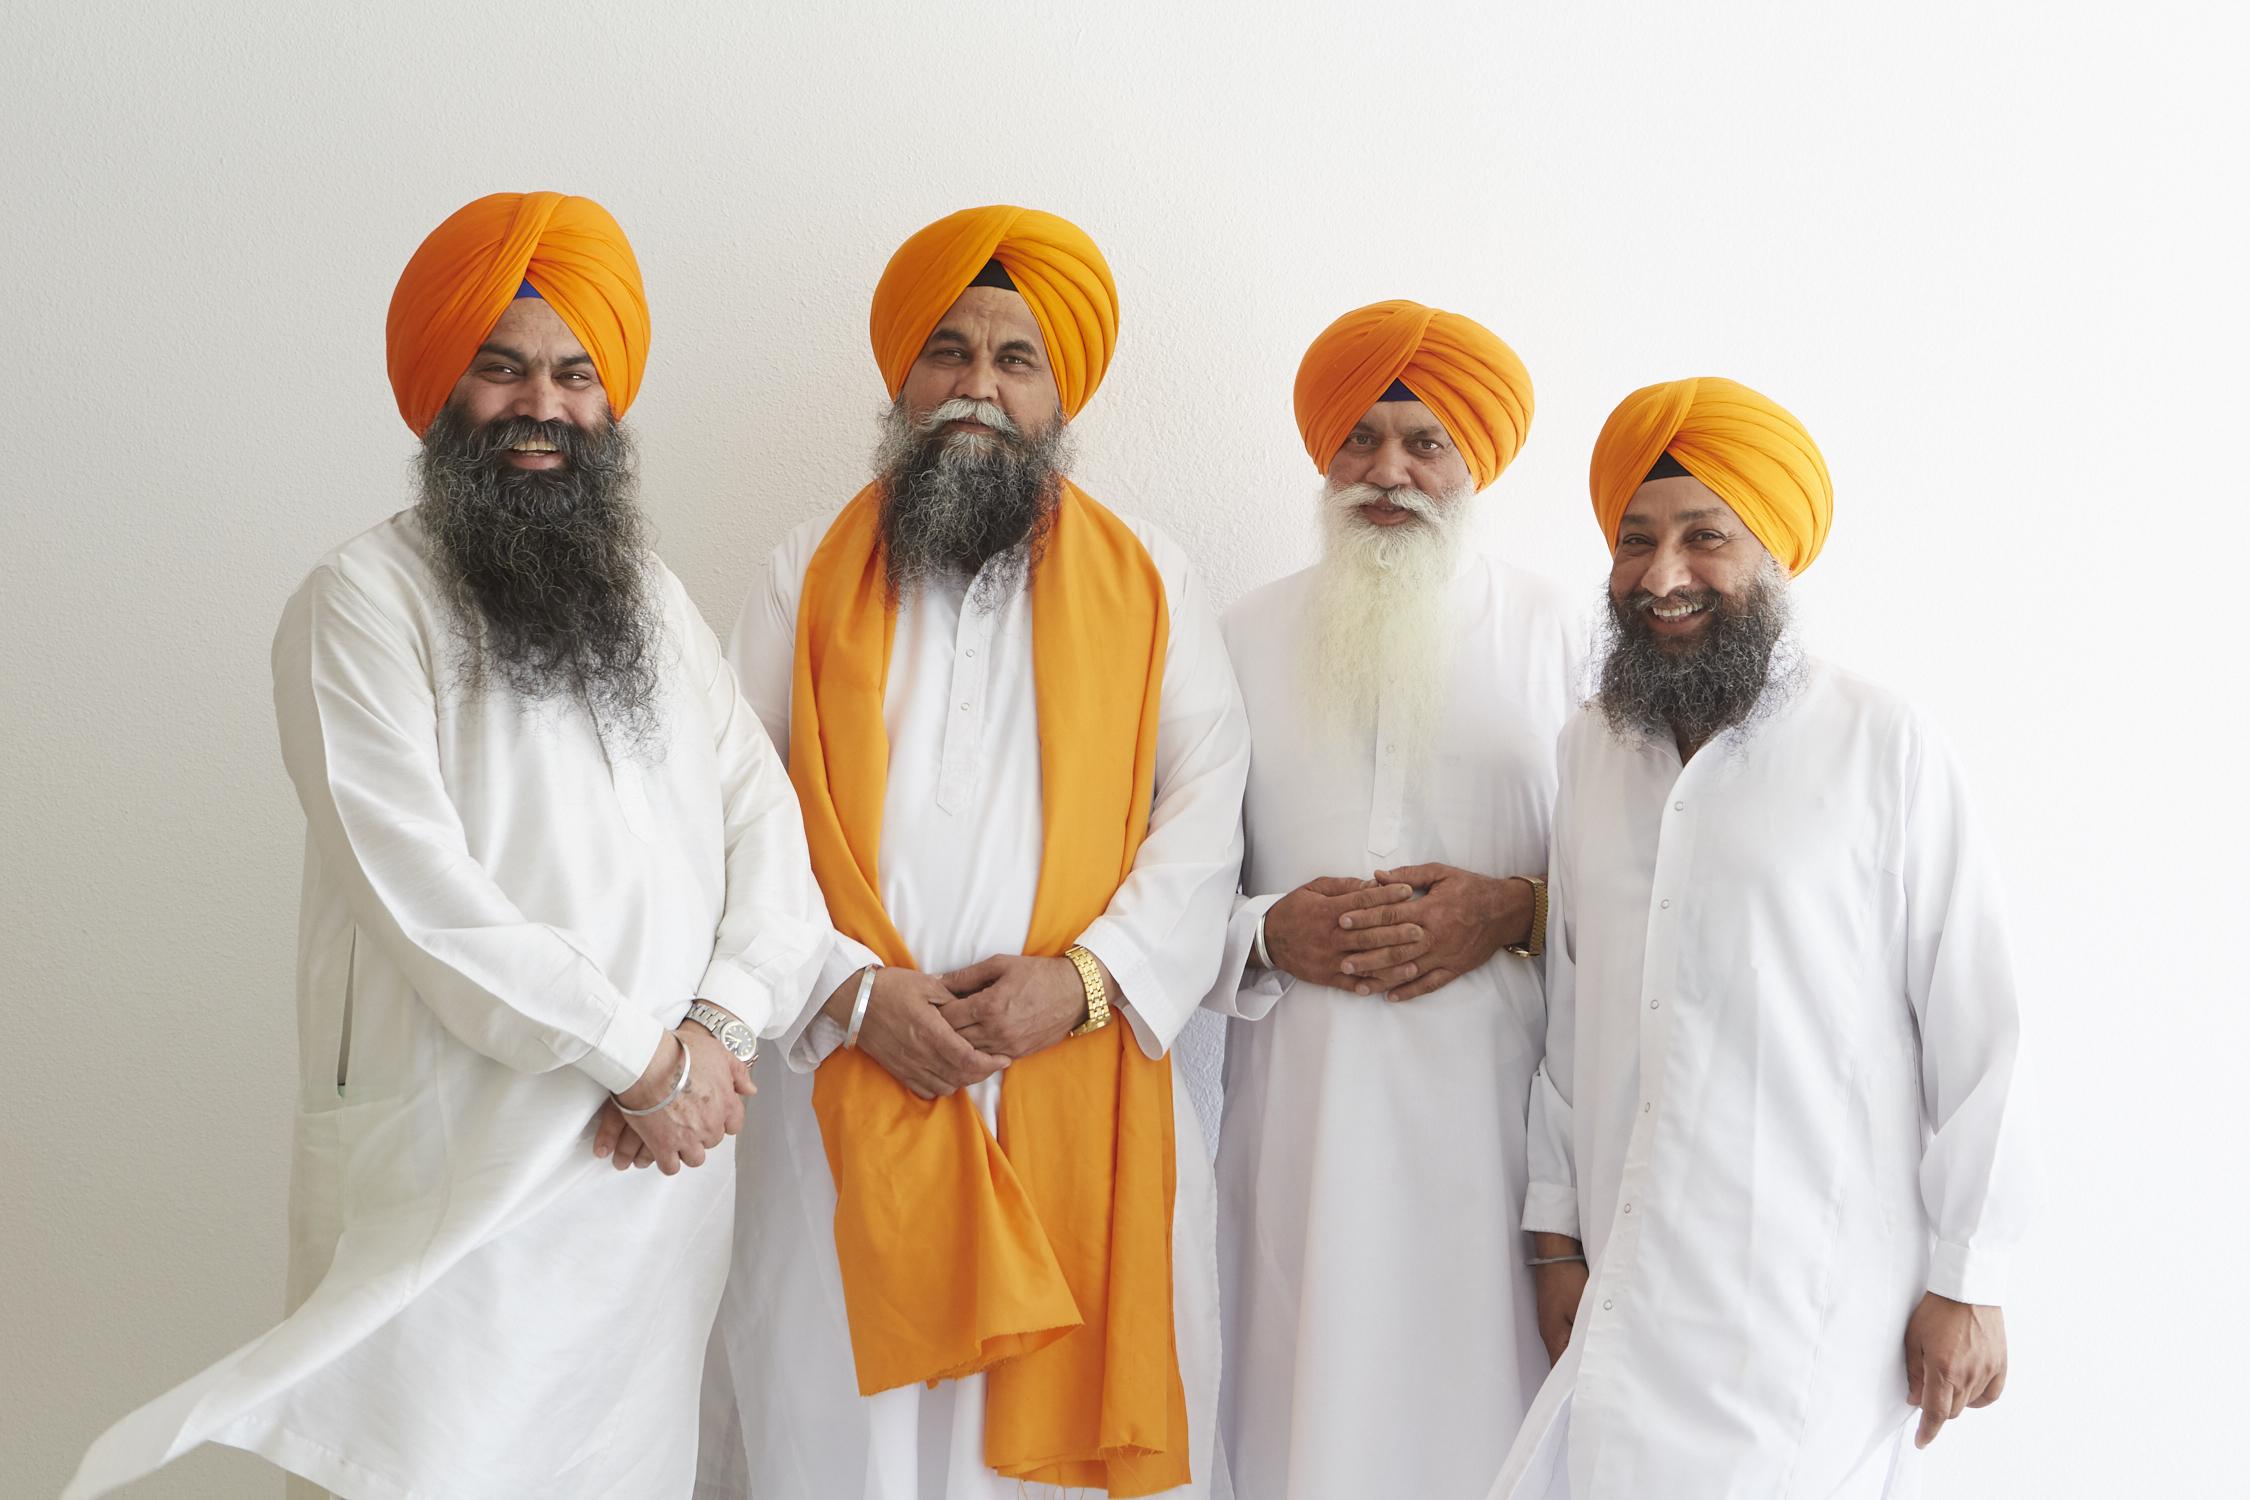 18_6_LAM_SikhMusic000218.jpg